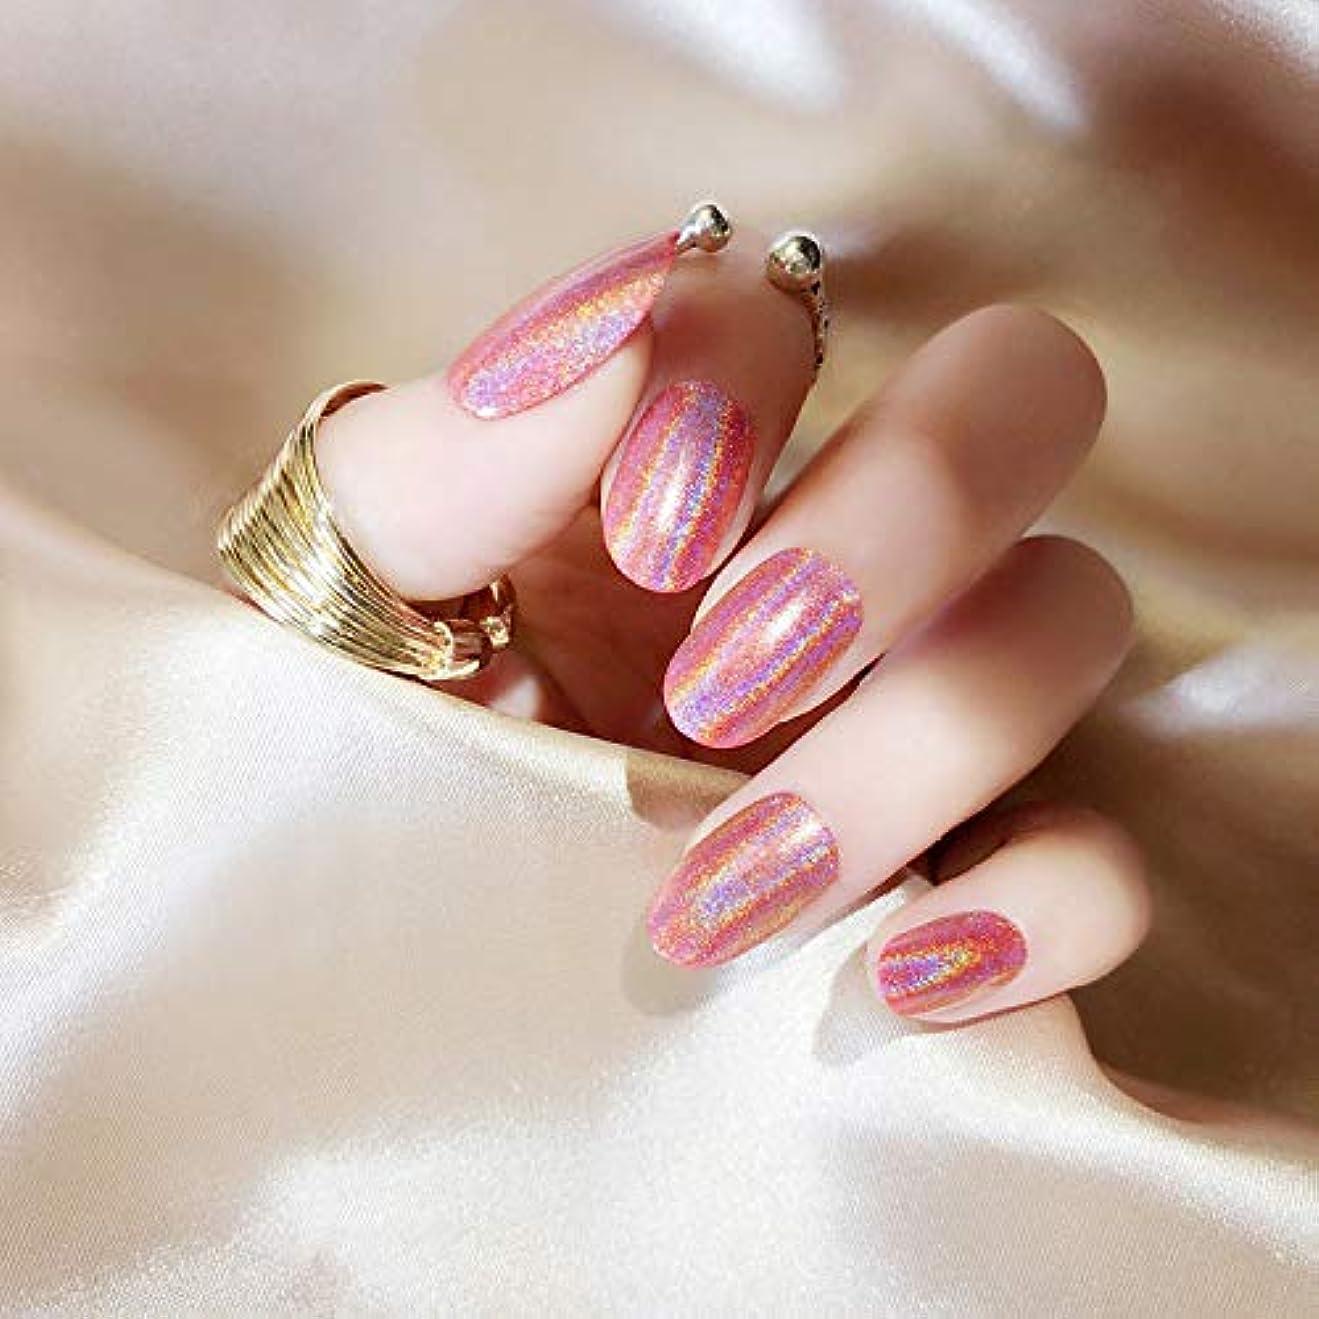 再生可能チャンス属性質感 彩がつく 24枚純色付け爪 ネイル貼るだけネイルチップ レーザー 多重光沢 お花嫁付け爪 ジェルネイルの光疗法 シンフォニー (桜ピンク)